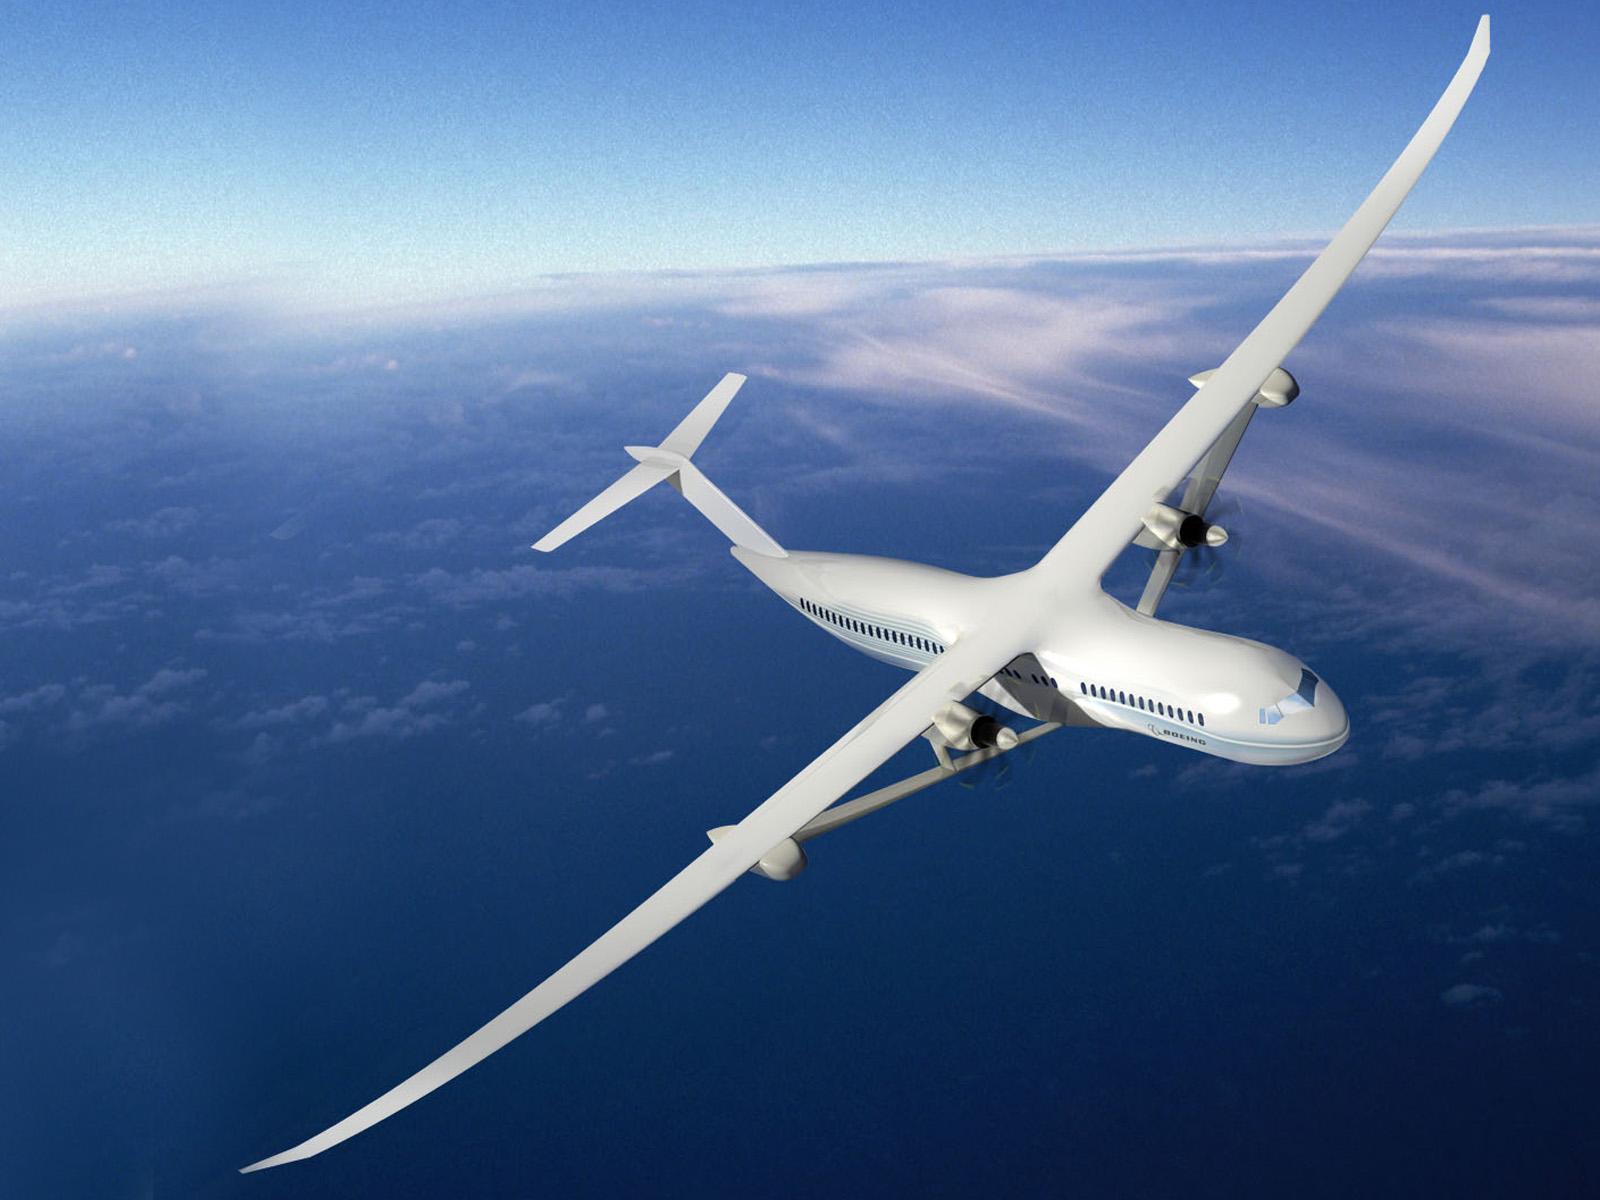 多纬度全球布局 海航集团欲打造航旅生态系统